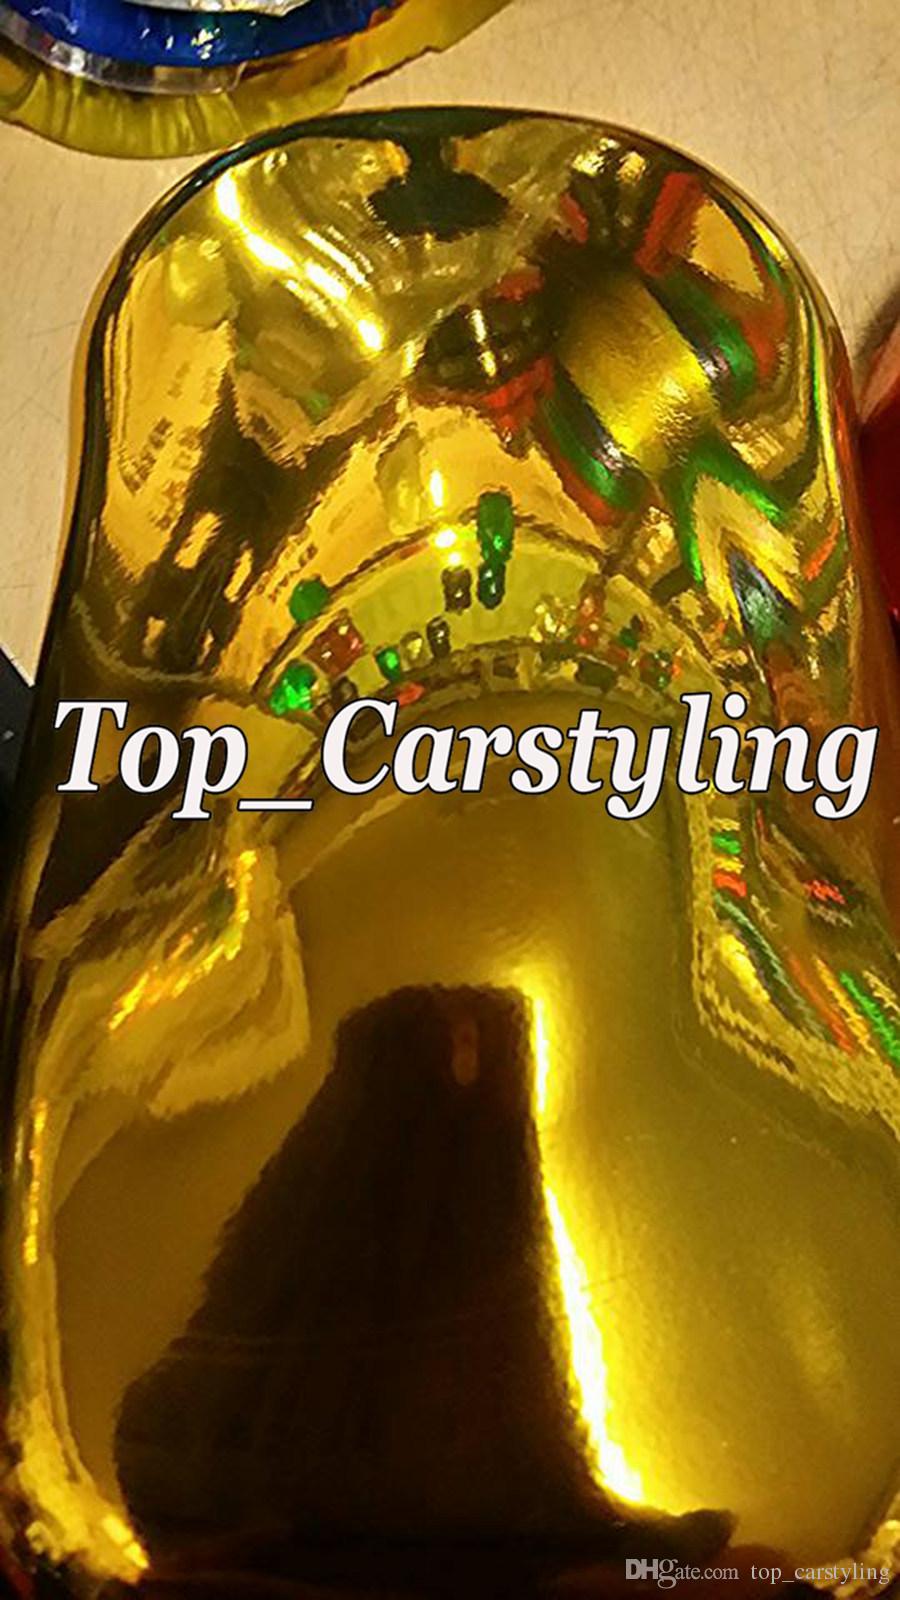 Beste Qualität Stretchable Gold Chrome Spiegel Vinyl Wrap Film für Auto Styling folie luftblasenfrei